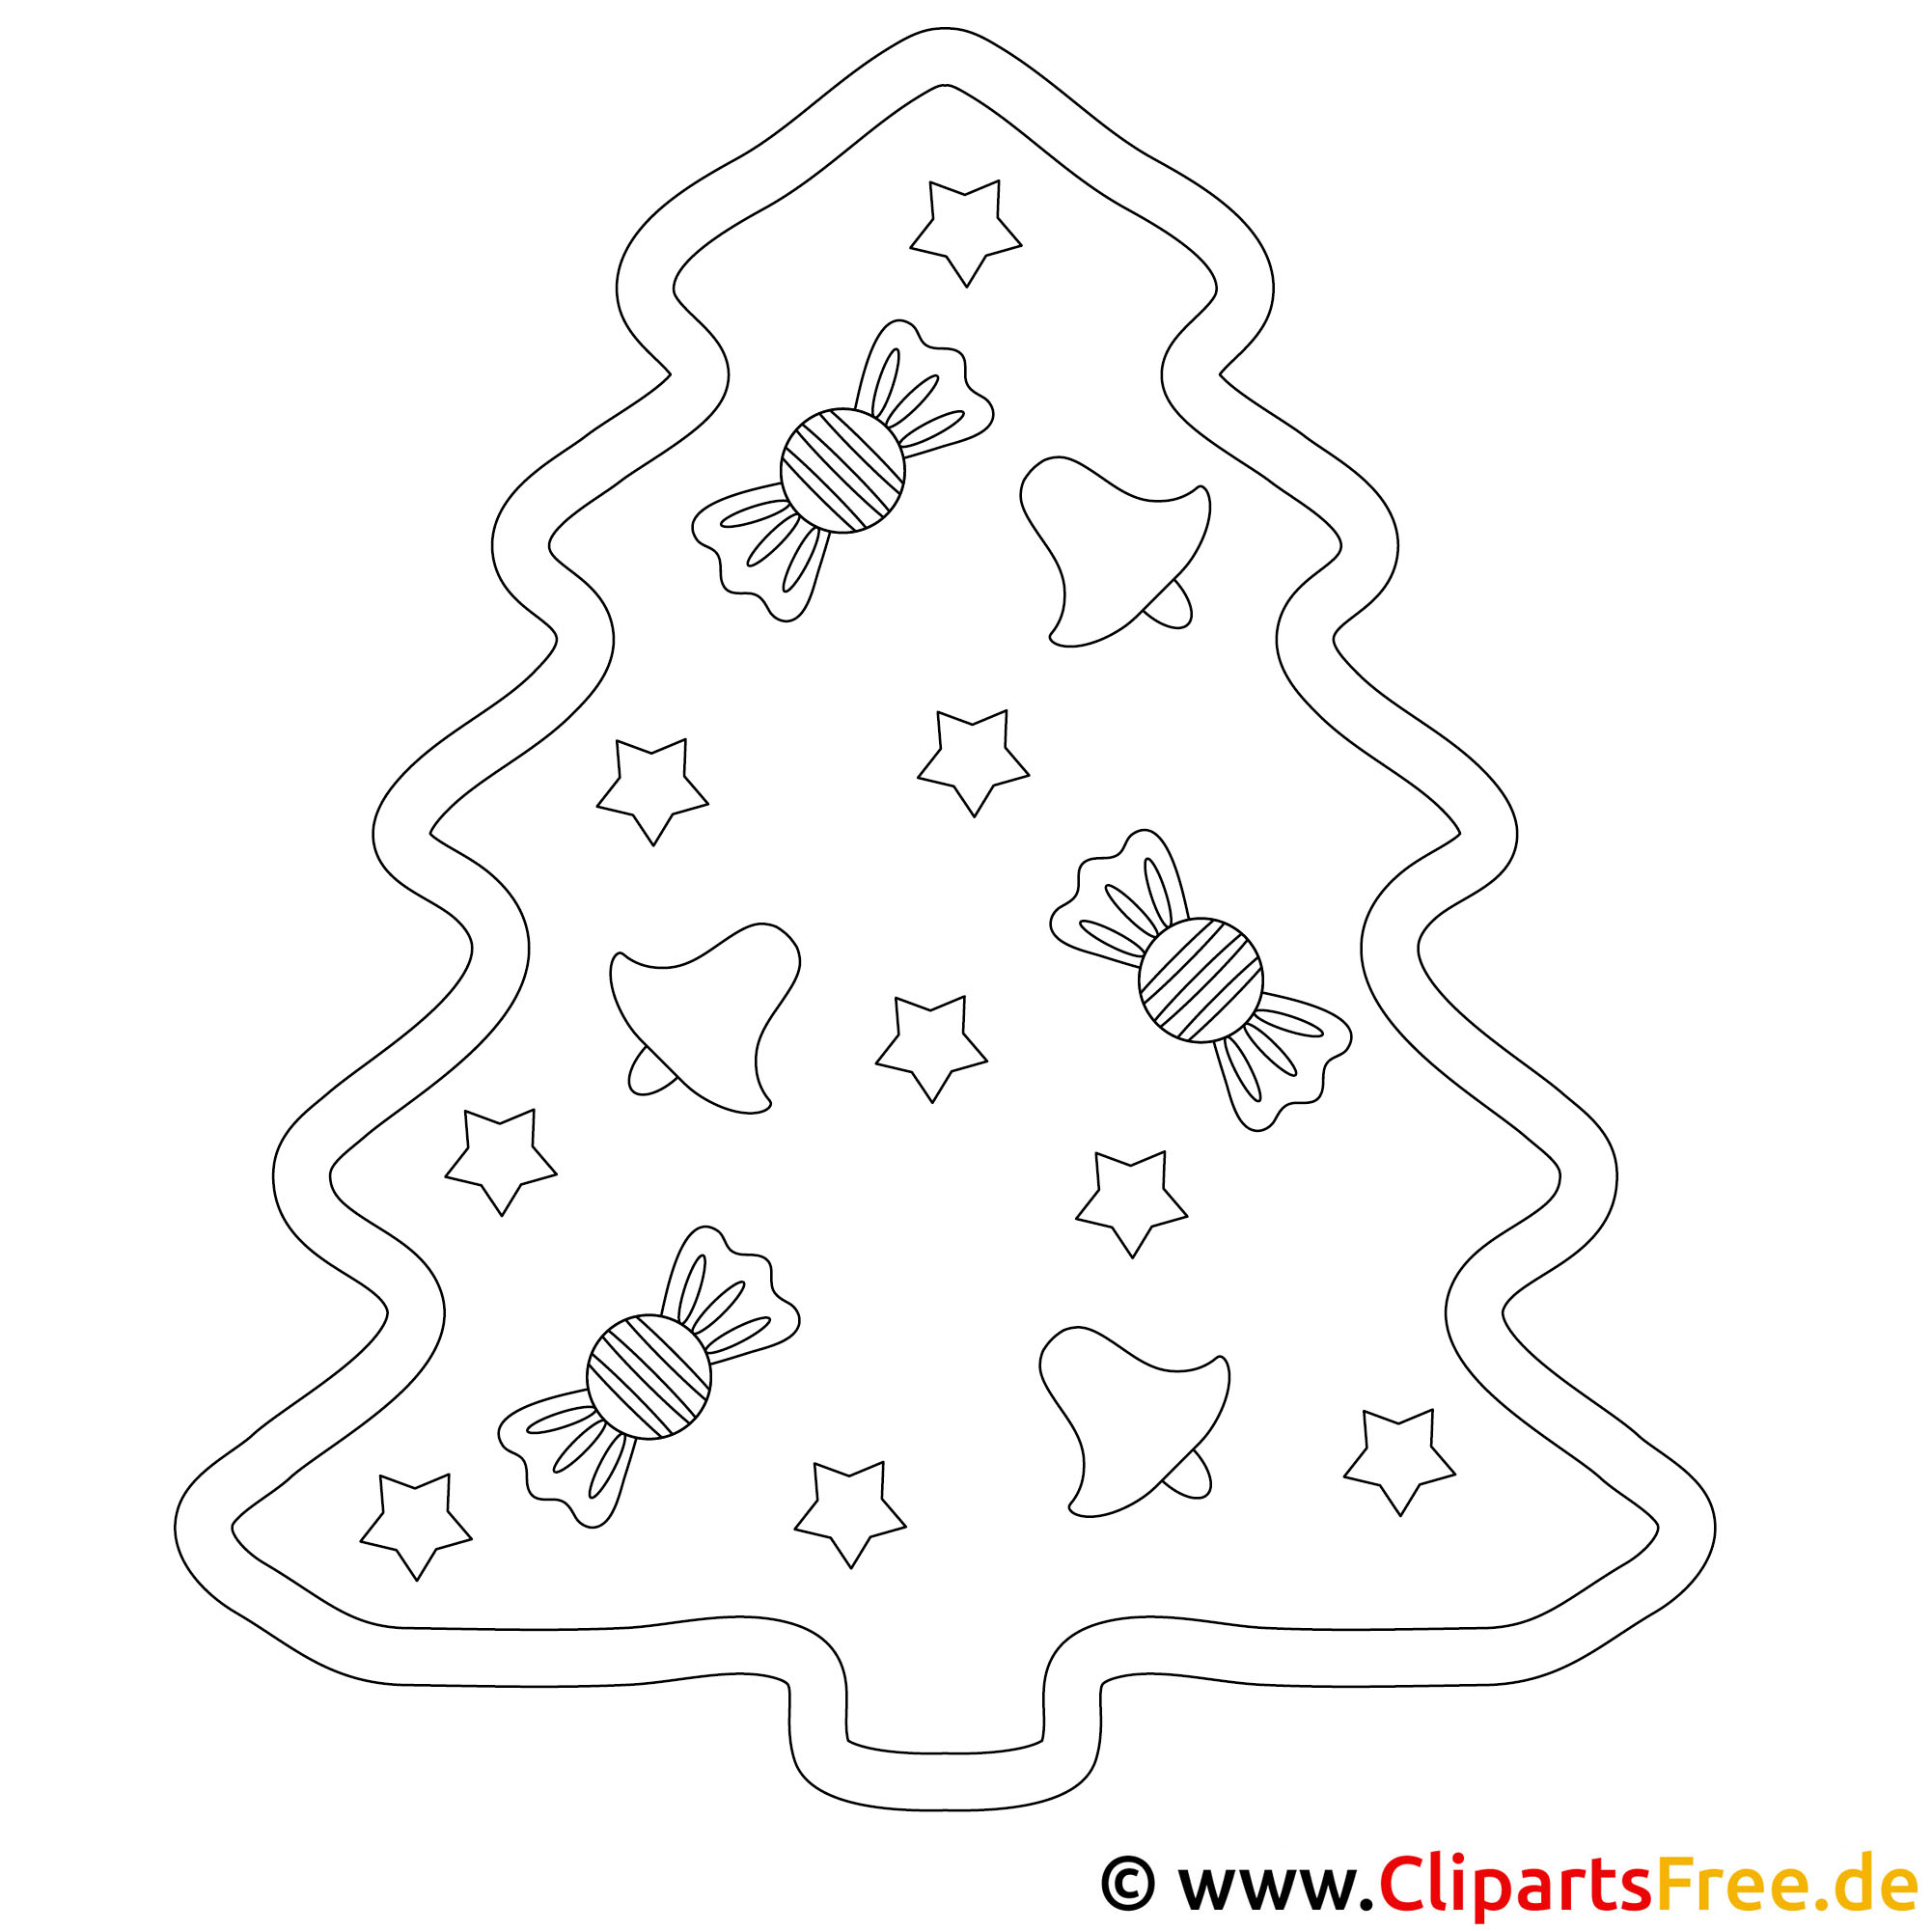 malvorlagen zu weihnachten kostenlos die beste idee zum. Black Bedroom Furniture Sets. Home Design Ideas